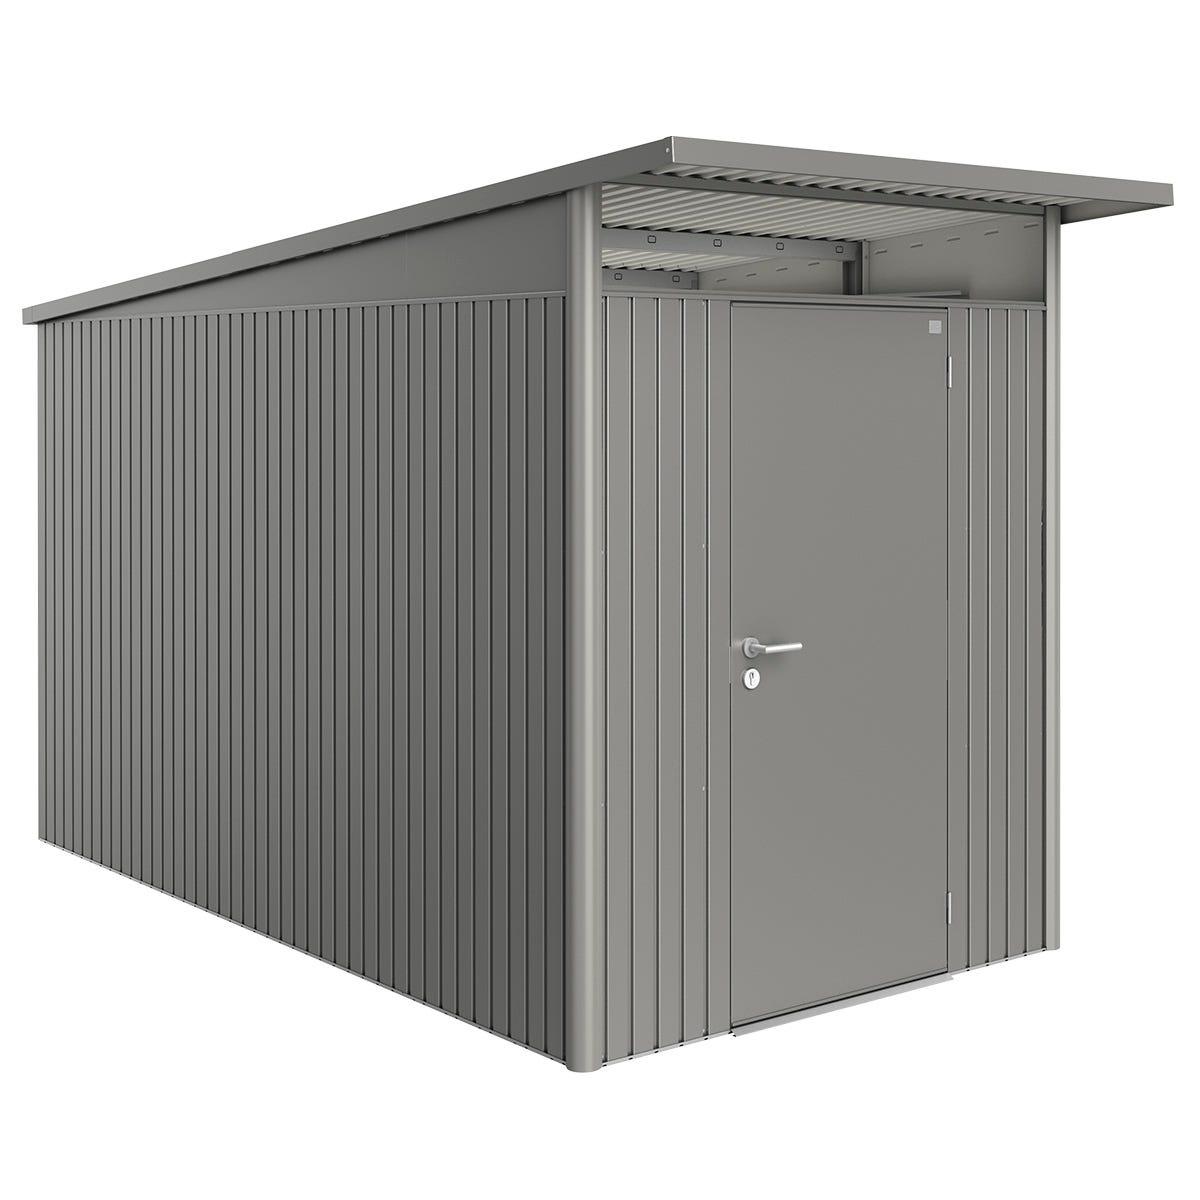 Biohort AvantGarde Metal Shed A4 Standard door 5' 9'' x 12' 4'' - Quartz Grey